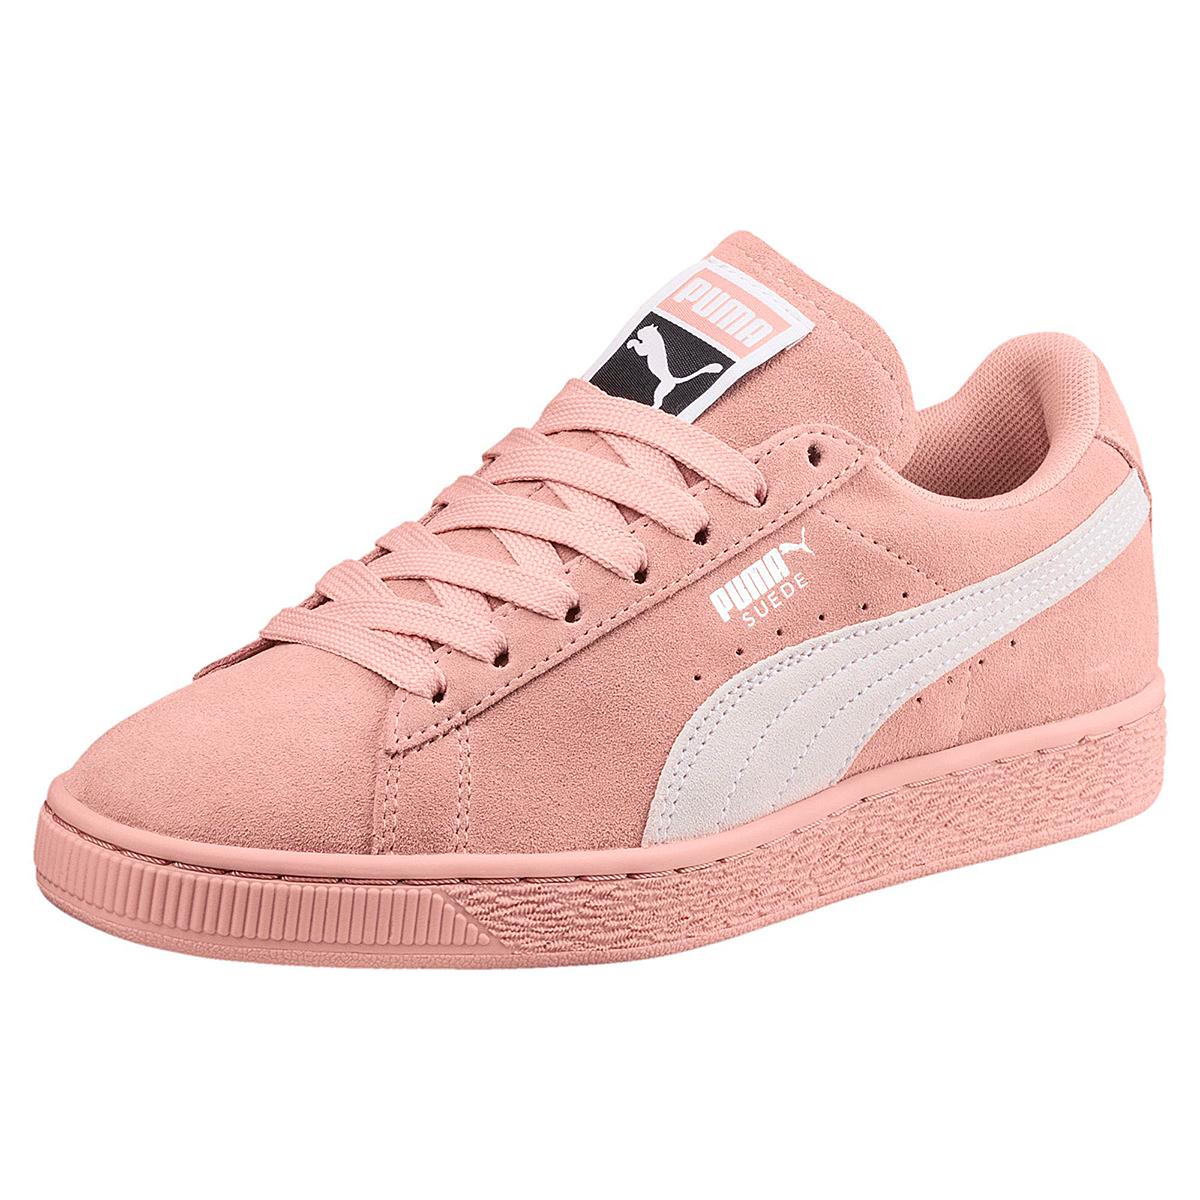 606f2e5f60 Puma Suede Classic Wn´s Damen Sneaker Schuhe 355462 67 rosa Sneaker ...